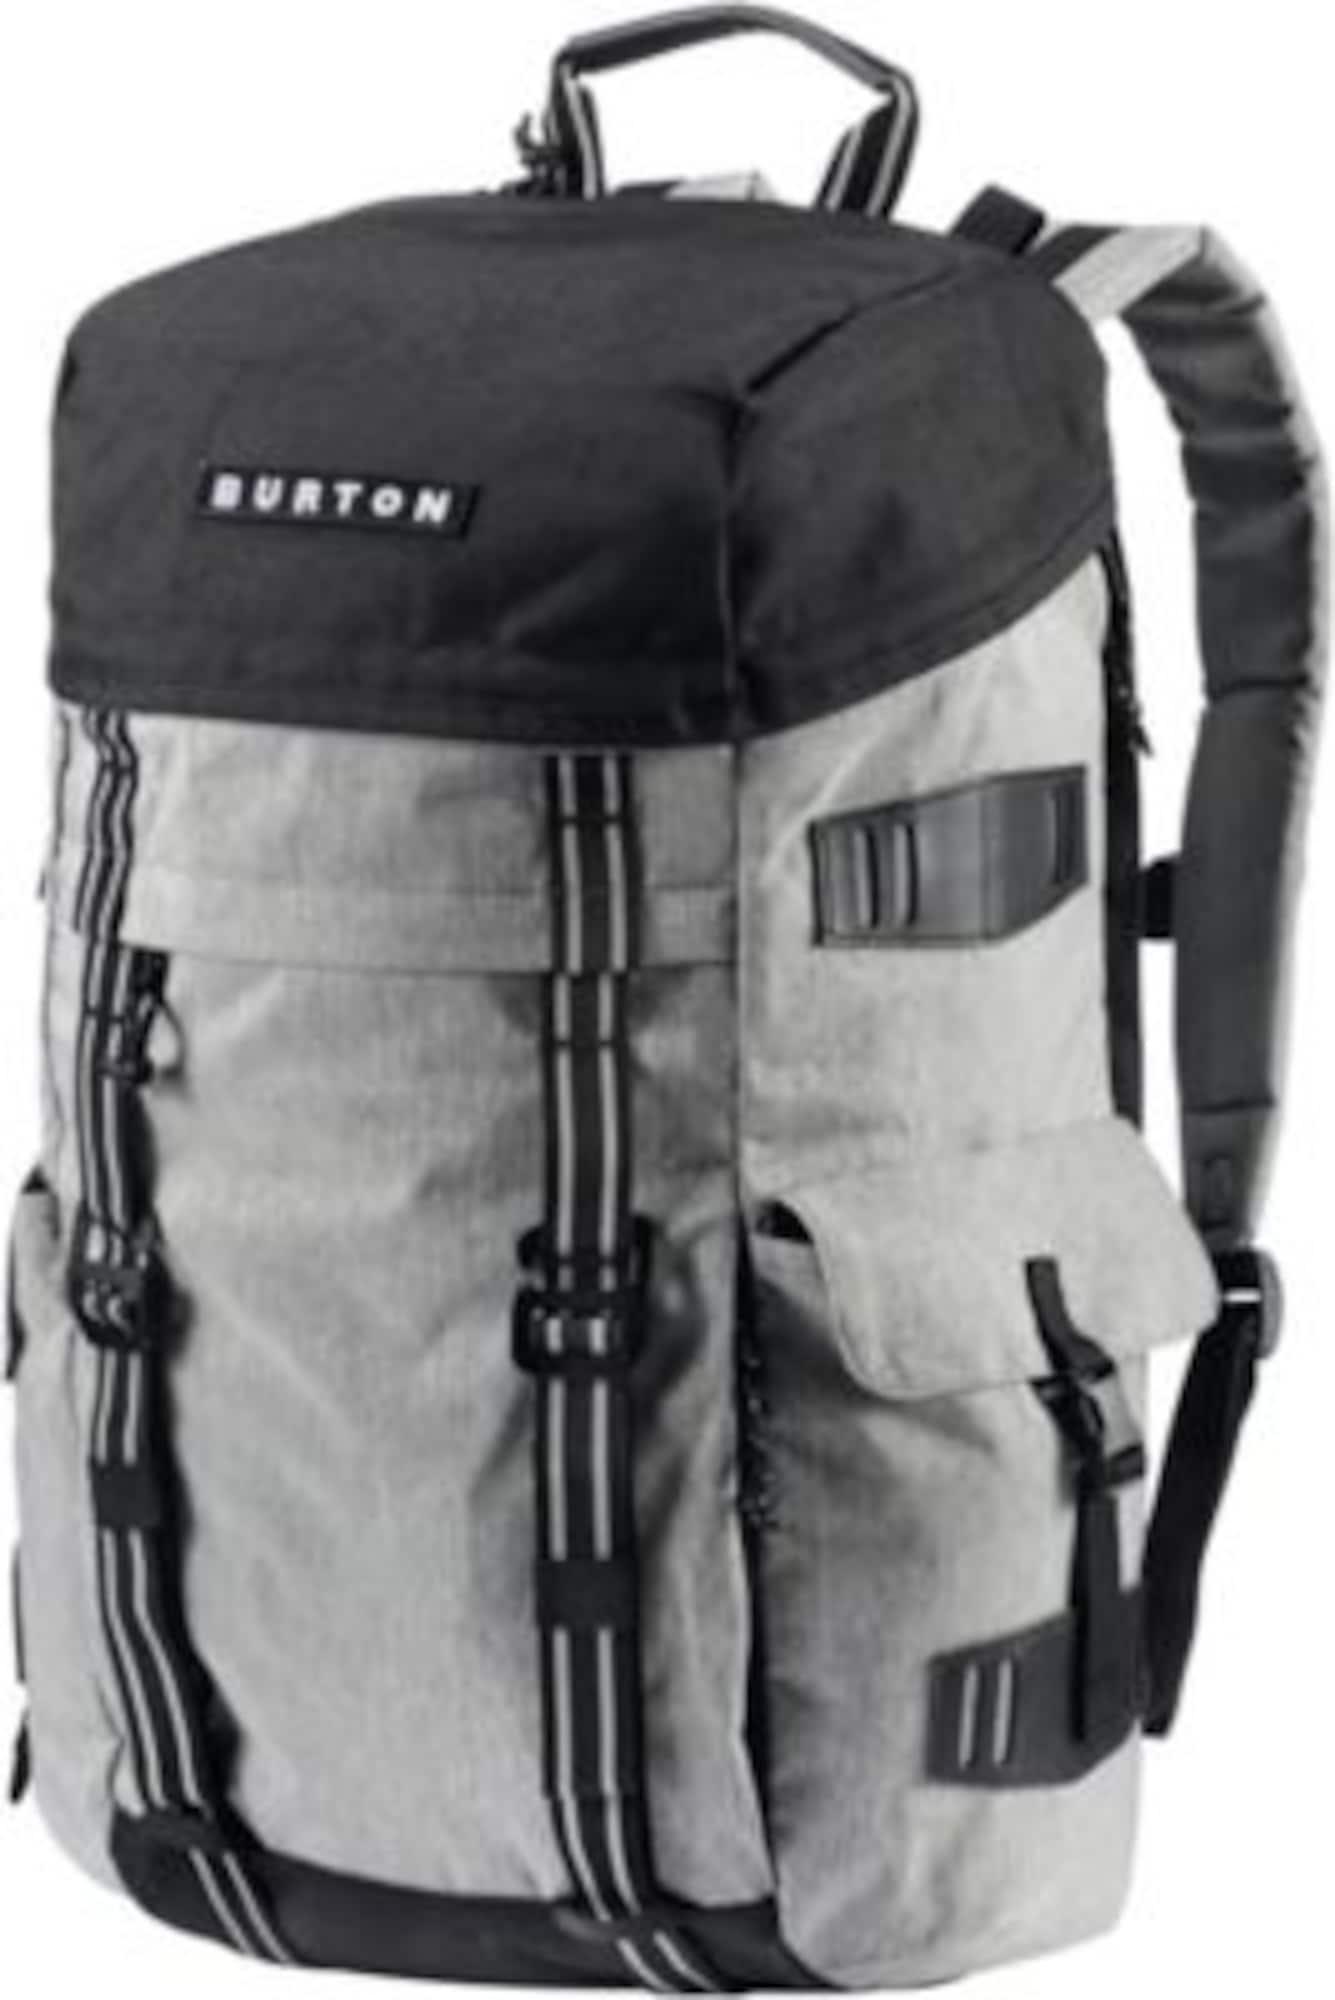 Daypack | Taschen > Rucksäcke > Tourenrucksäcke | Grau - Graphit | Burton